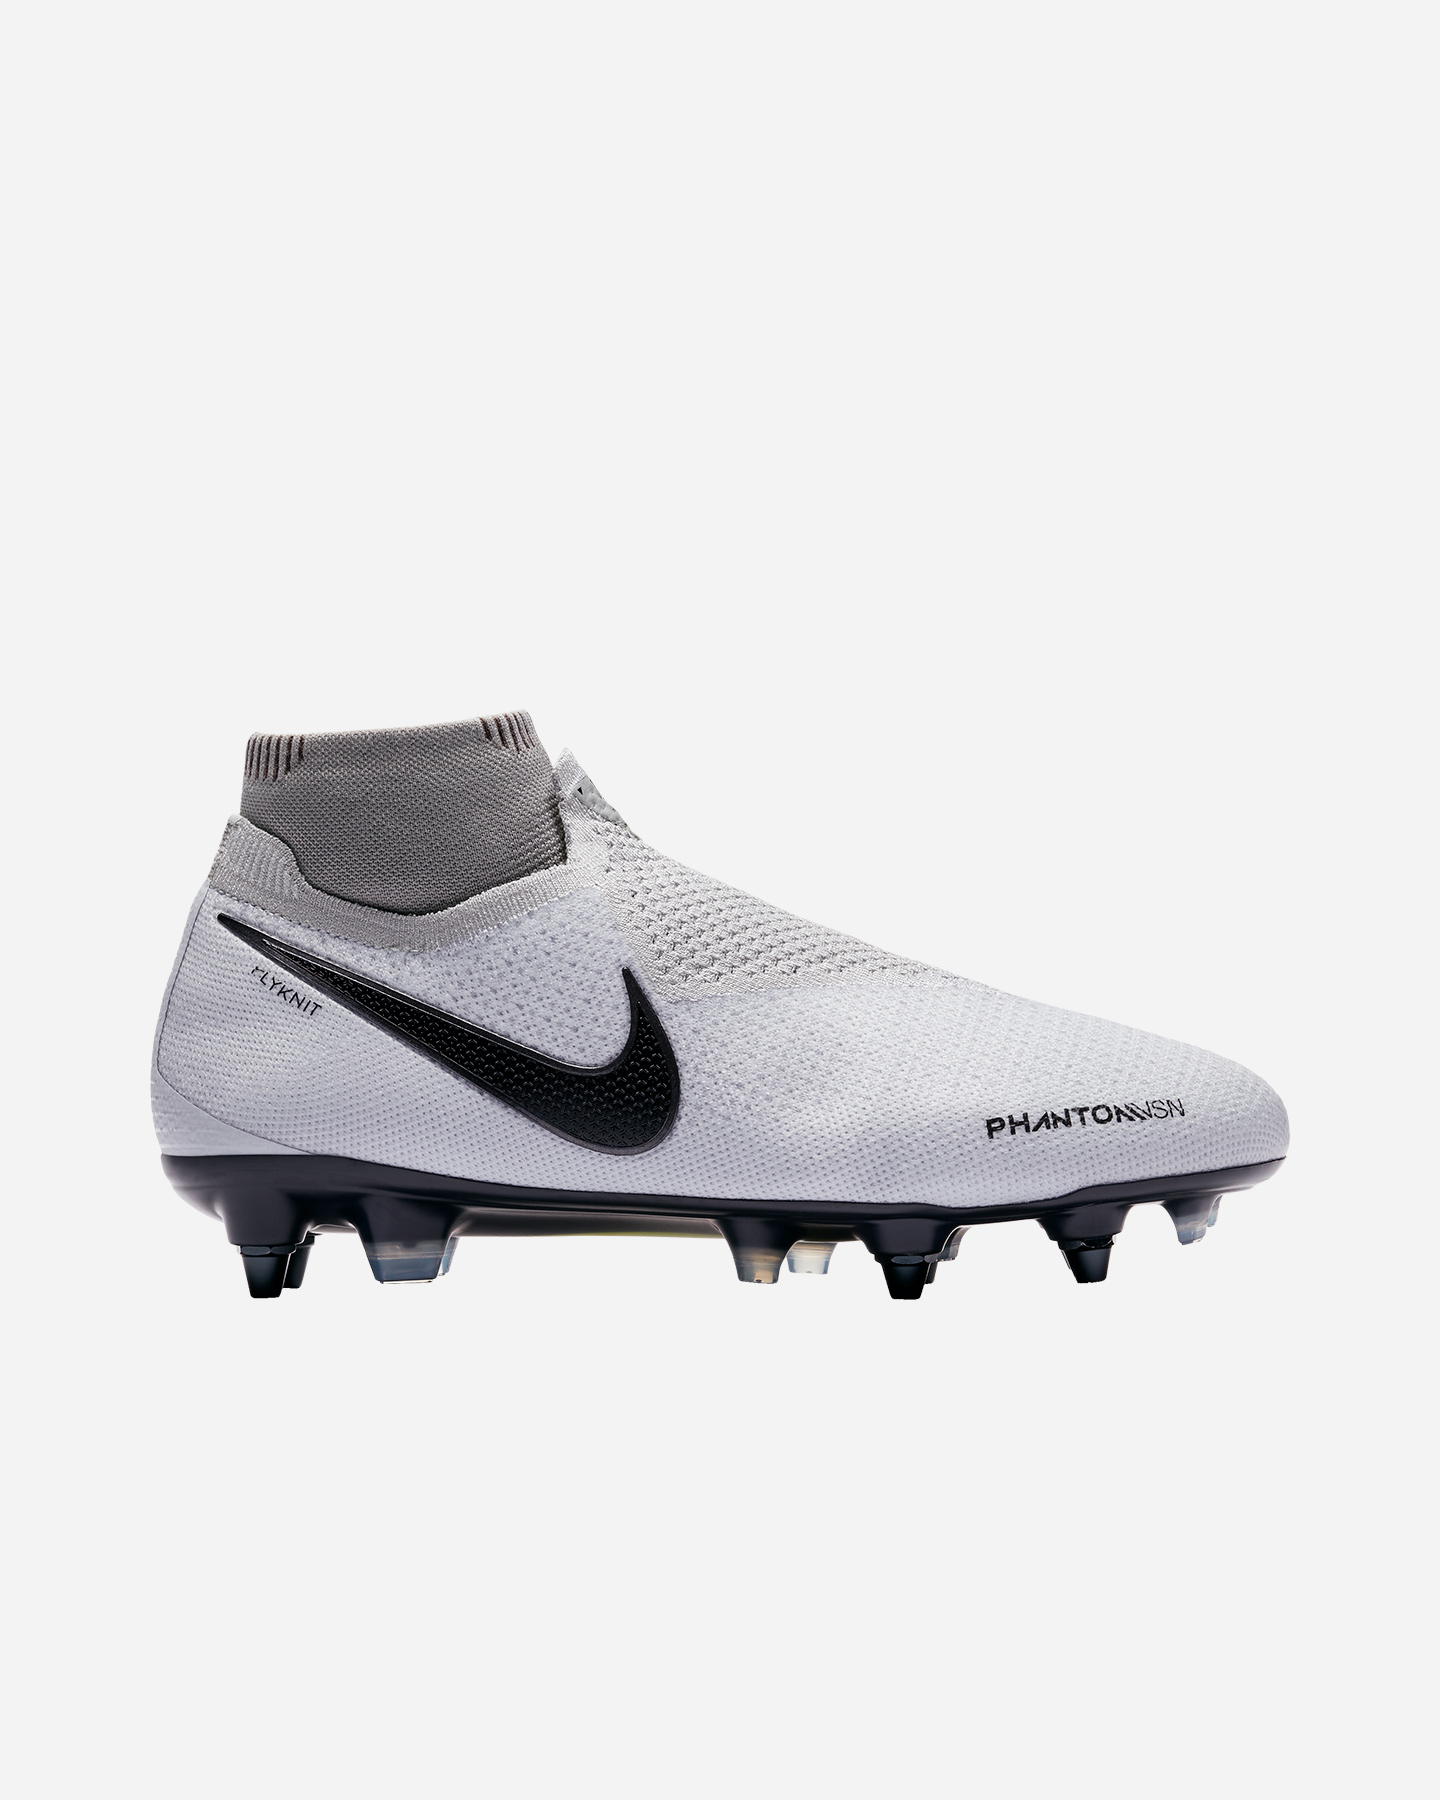 Scarpe Calcio Nike Phantom Vision Obra 3 Elite Df Ac Sg-pro M